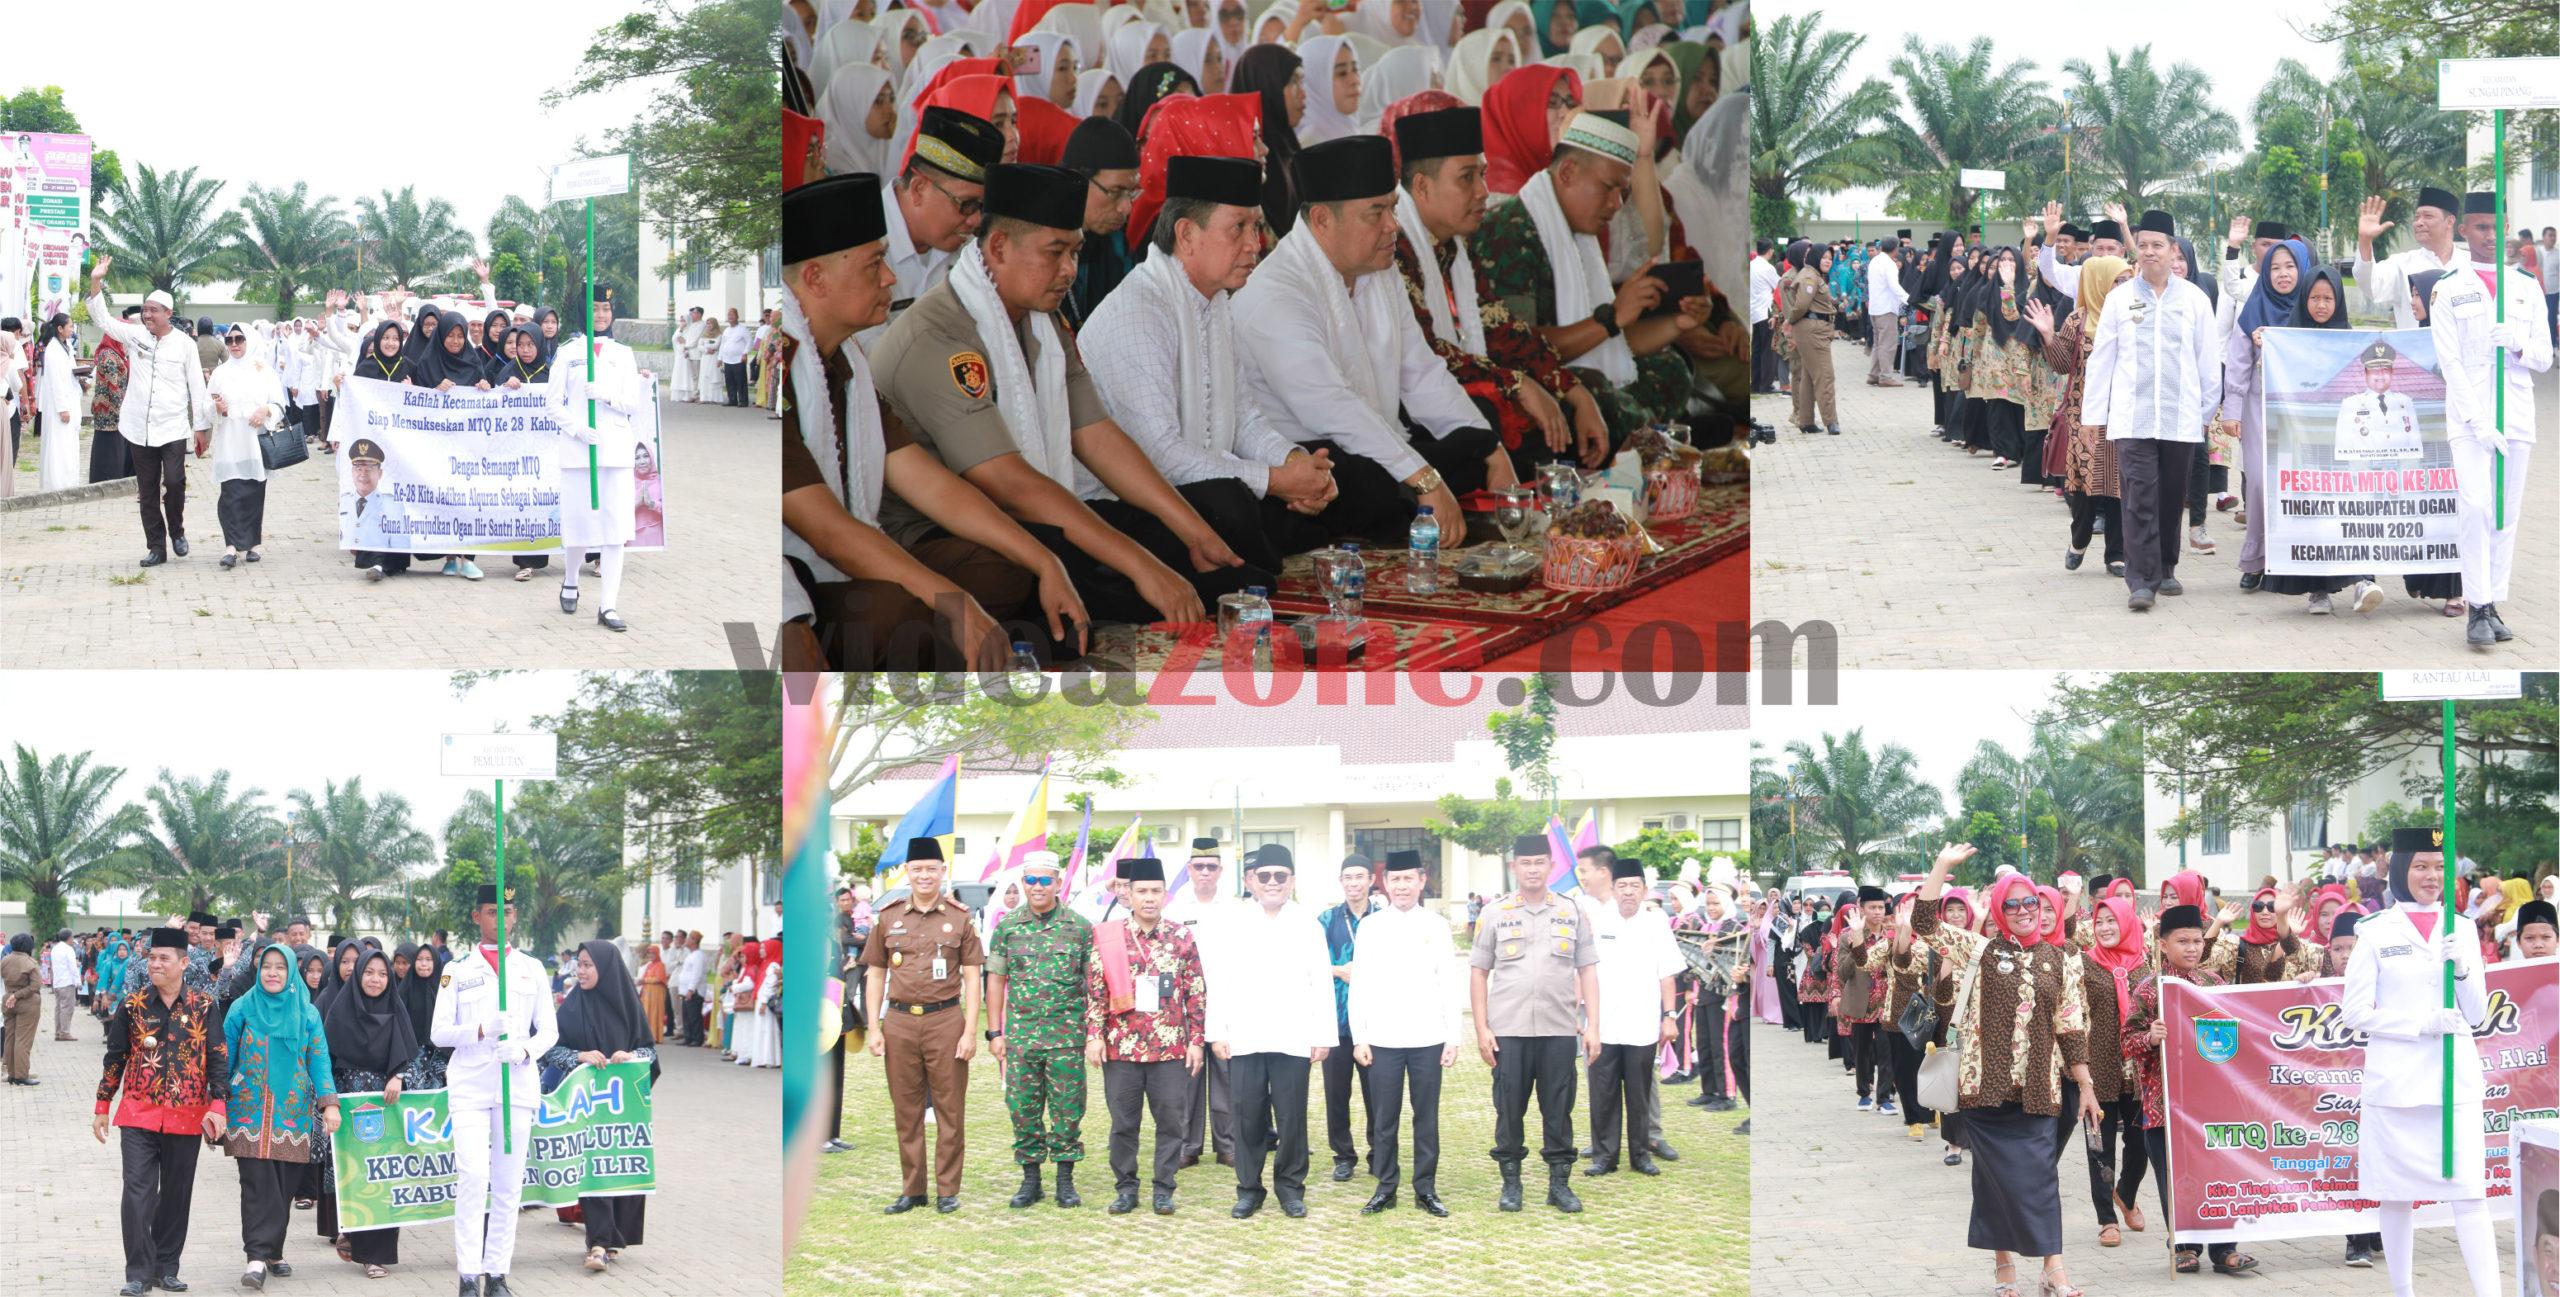 Rangkaian kegiatan Musabaqoh Tilawatil Quran (MTQ) tingkat kabupaten ke XXVIII (28) digelar i Gedung Serbaguna Komplek Perkantoran Terpadu (KPT) Pemerintah Kabupaten (Pemkab) OI Tanjung Senai, Senin (27/1/2020)